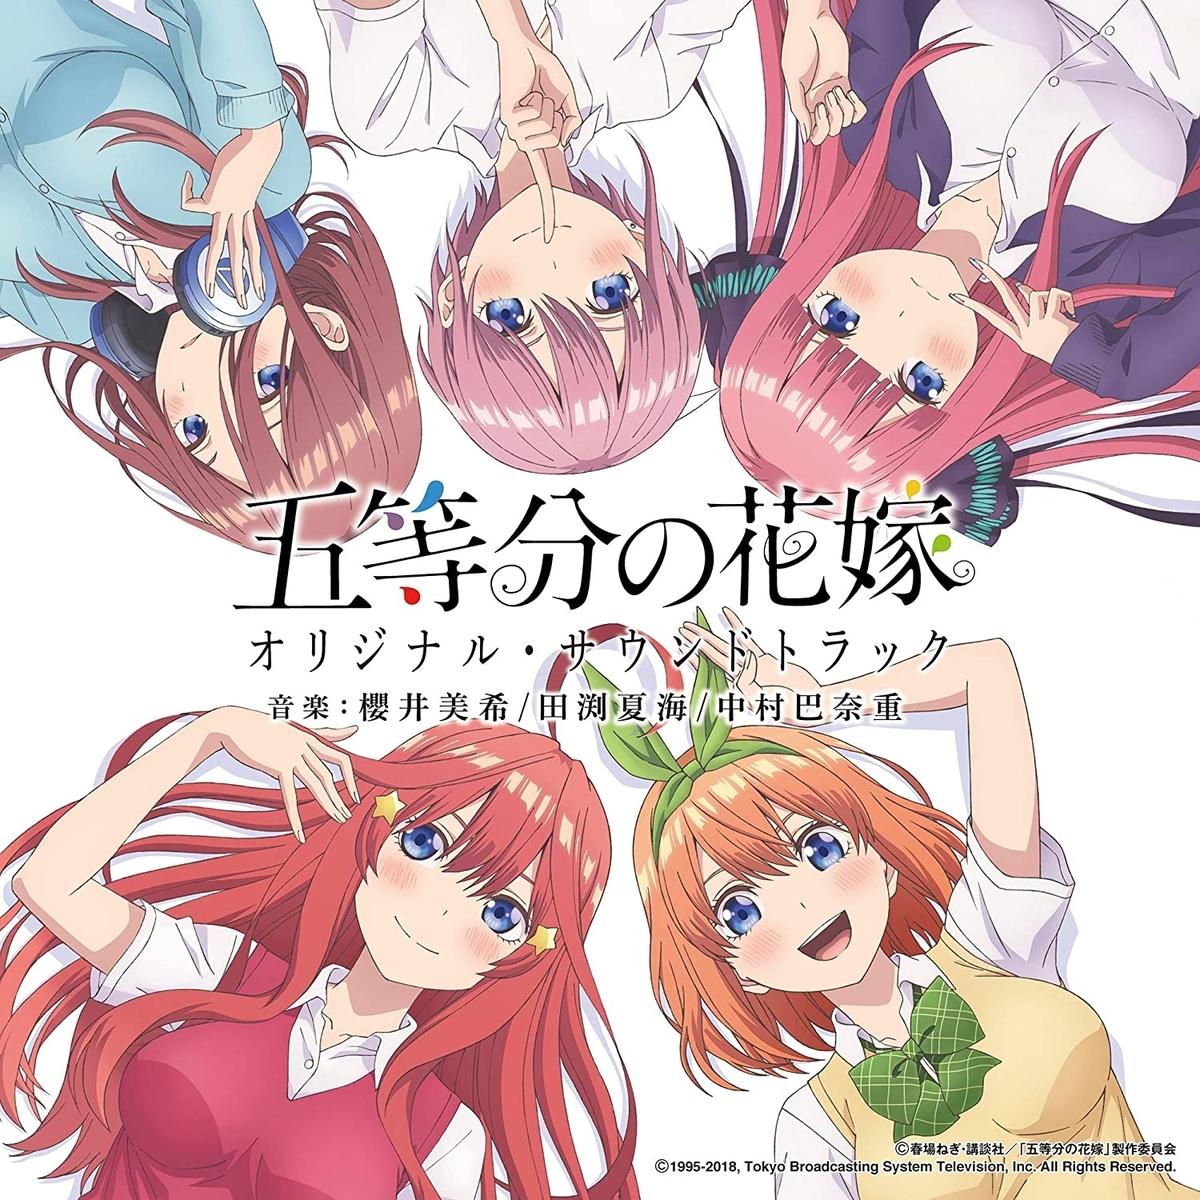 TVアニメ『五等分の花嫁』オリジナル・サウンドトラック、SMM itaku、2019年